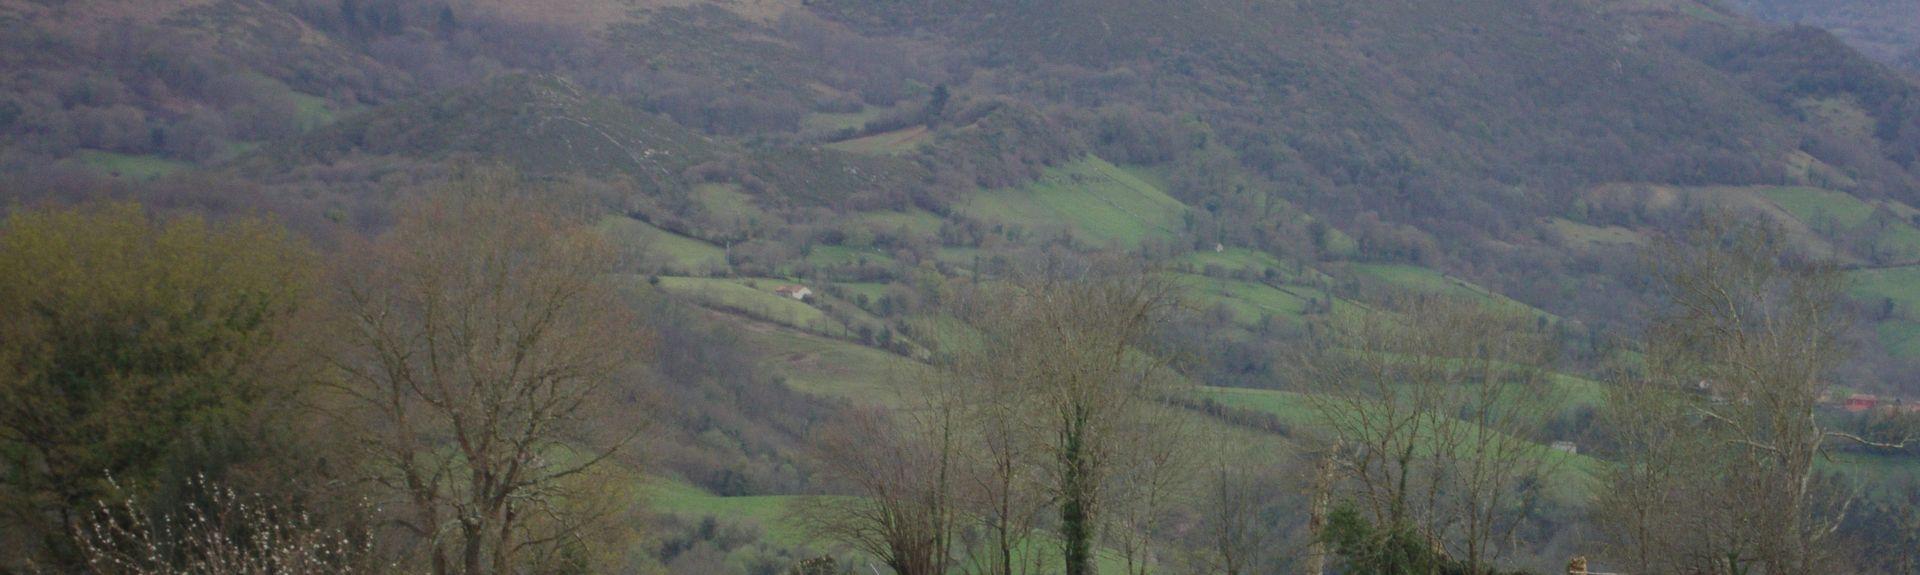 Candamo, Principado de Asturias, España